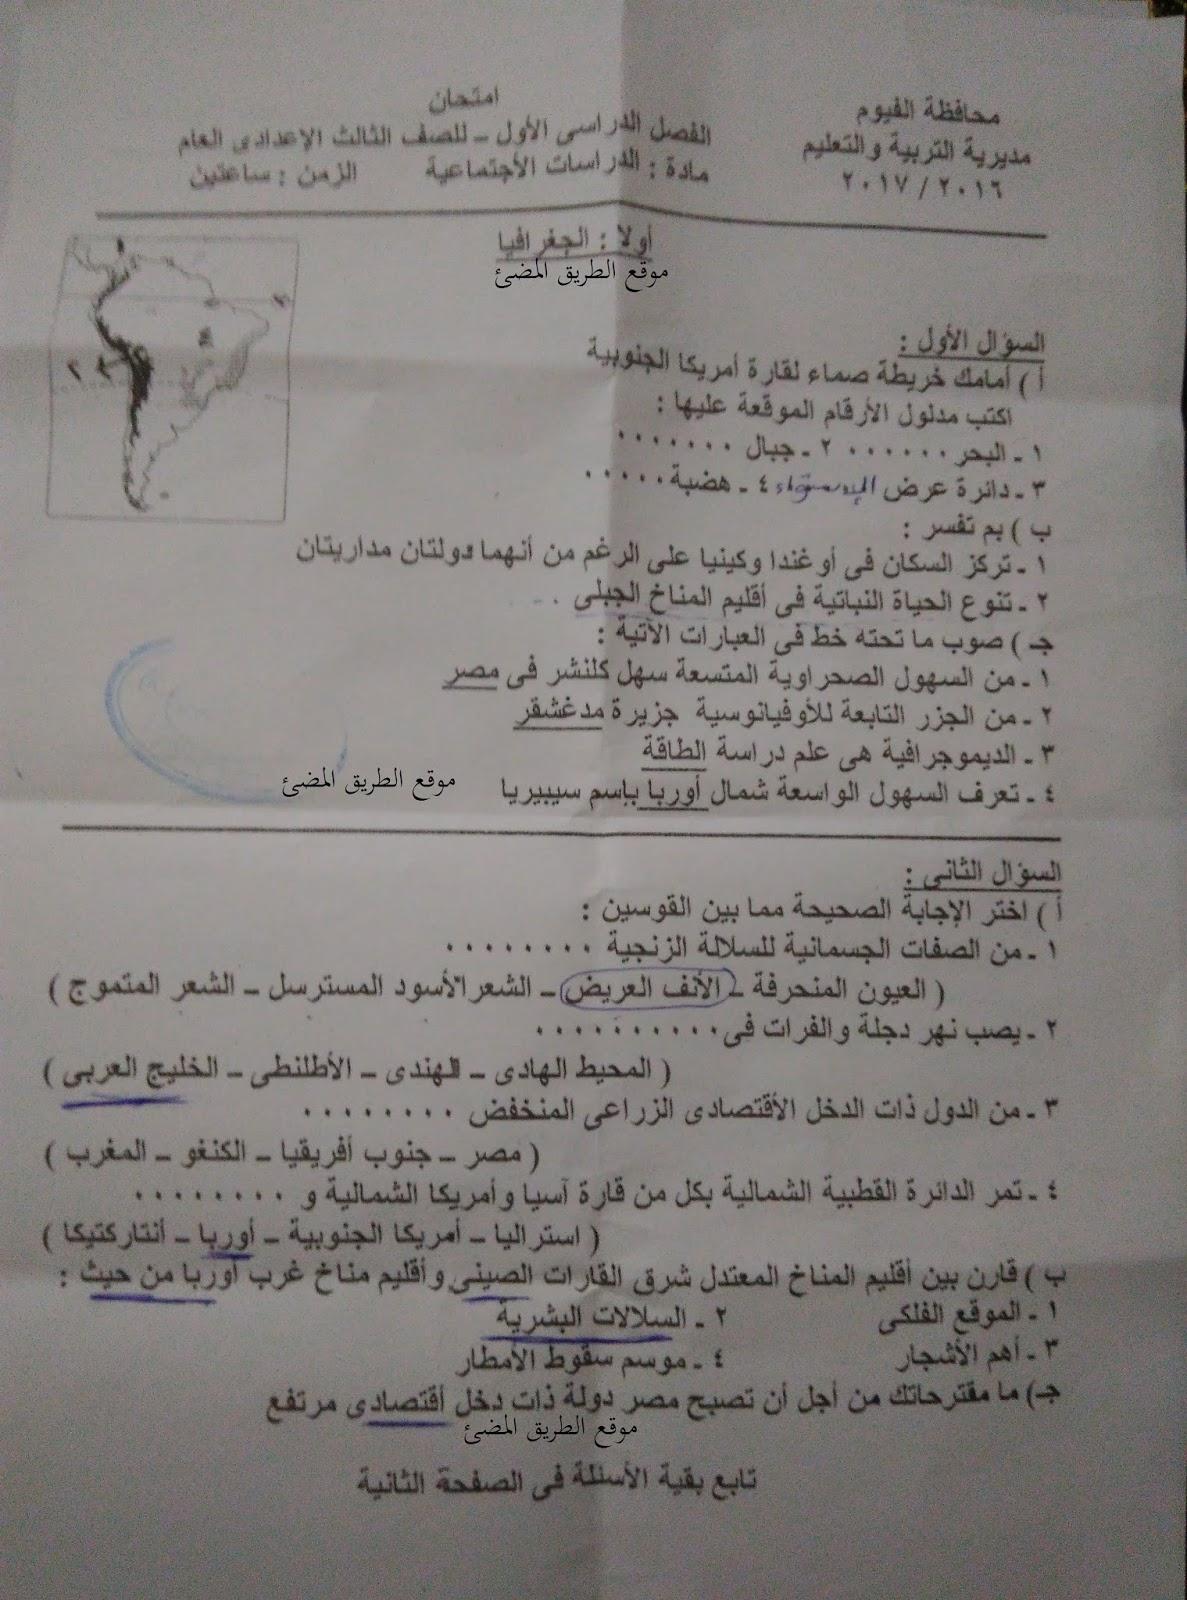 امتحان نصف العام الرسمى فى الدراسات الاجتماعية الصف الثالث الاعدادى ,محافظة الفيوم 2017